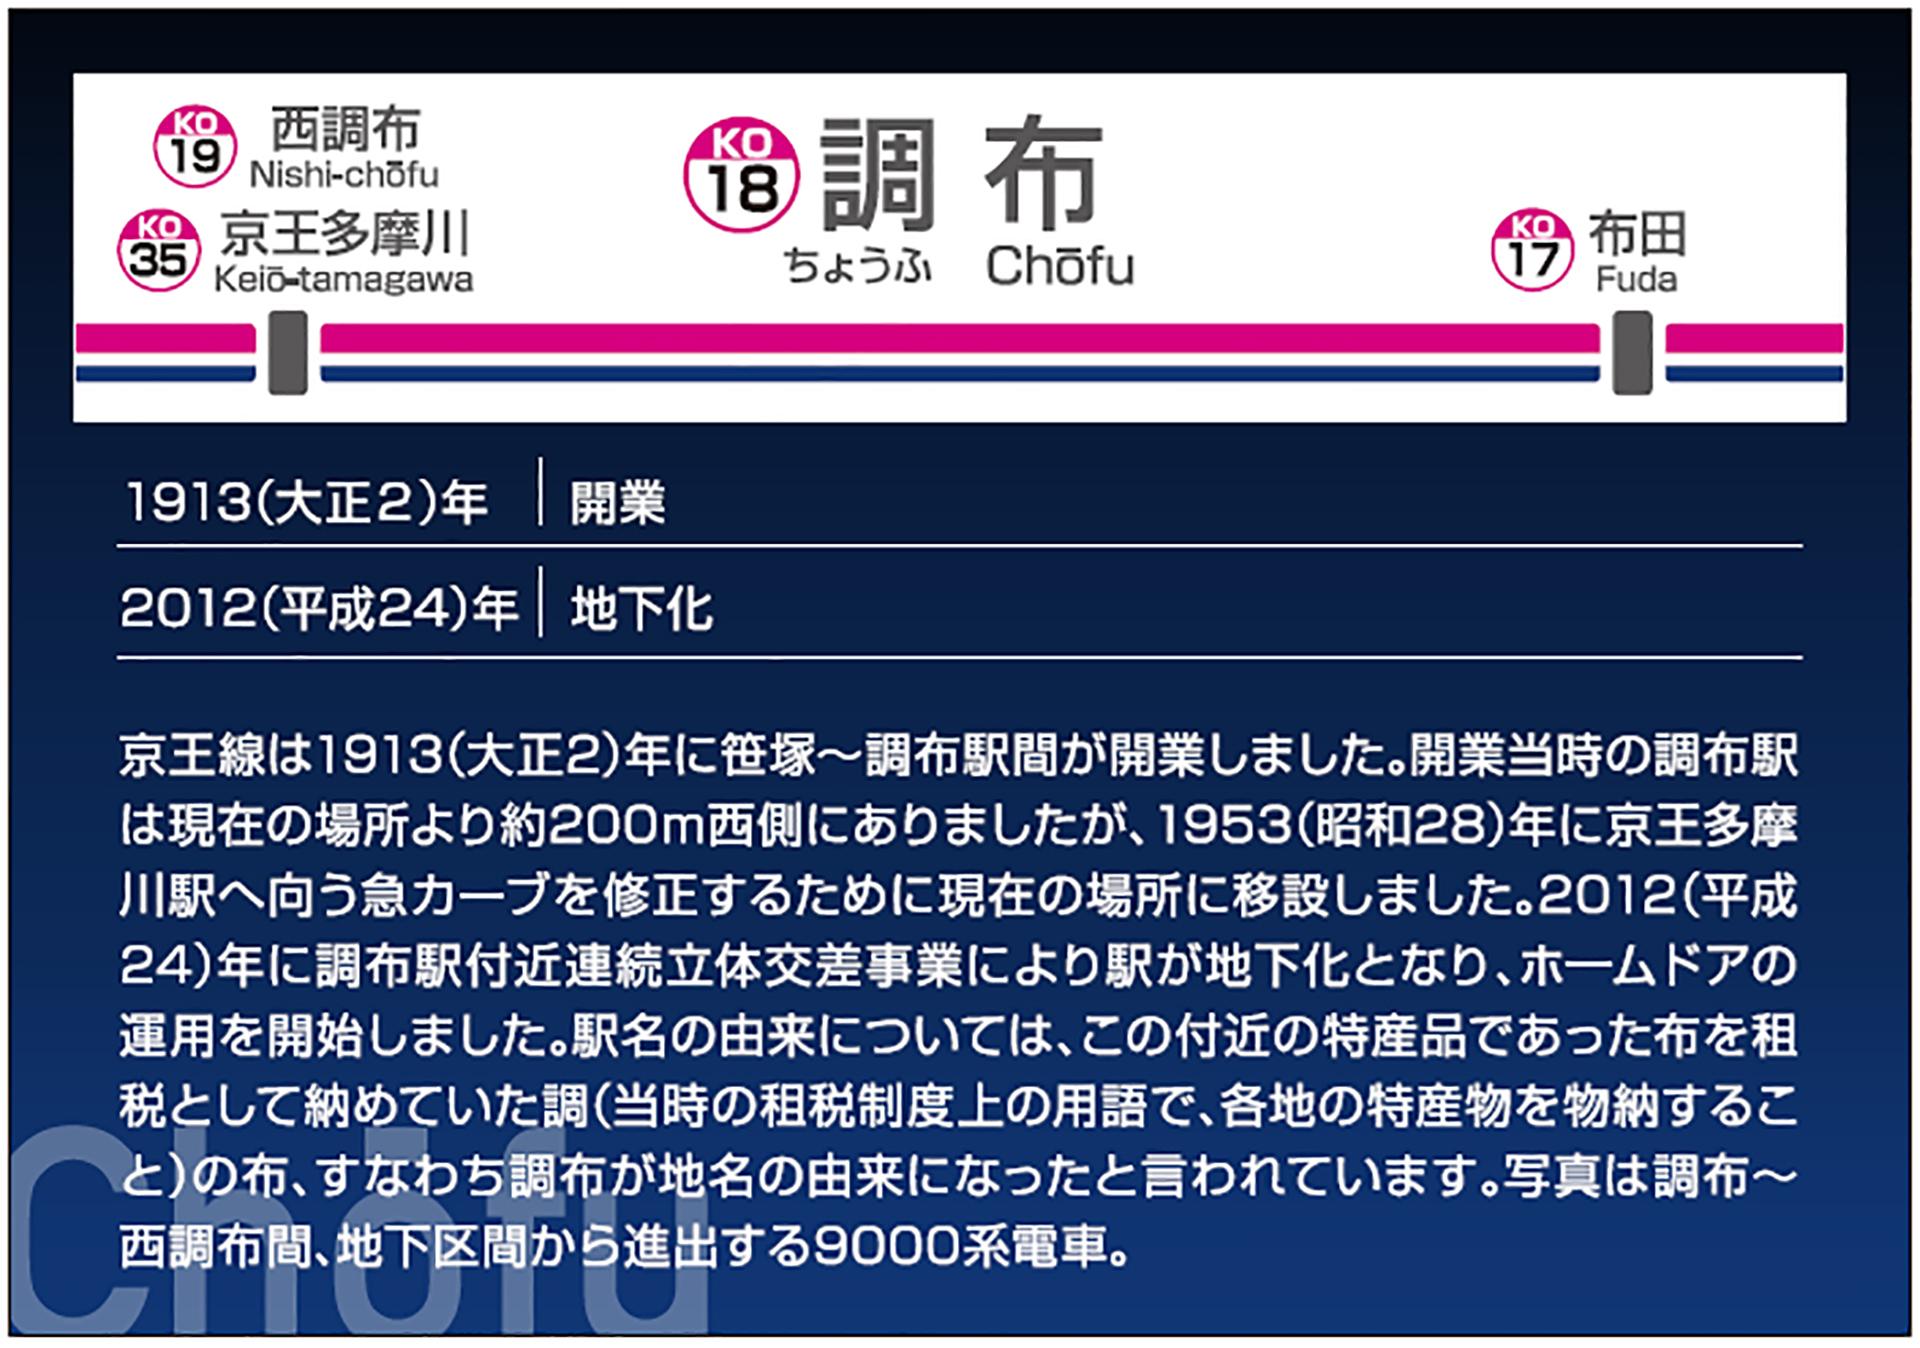 一日乗車券でGet!京王電車カードラリー第3弾